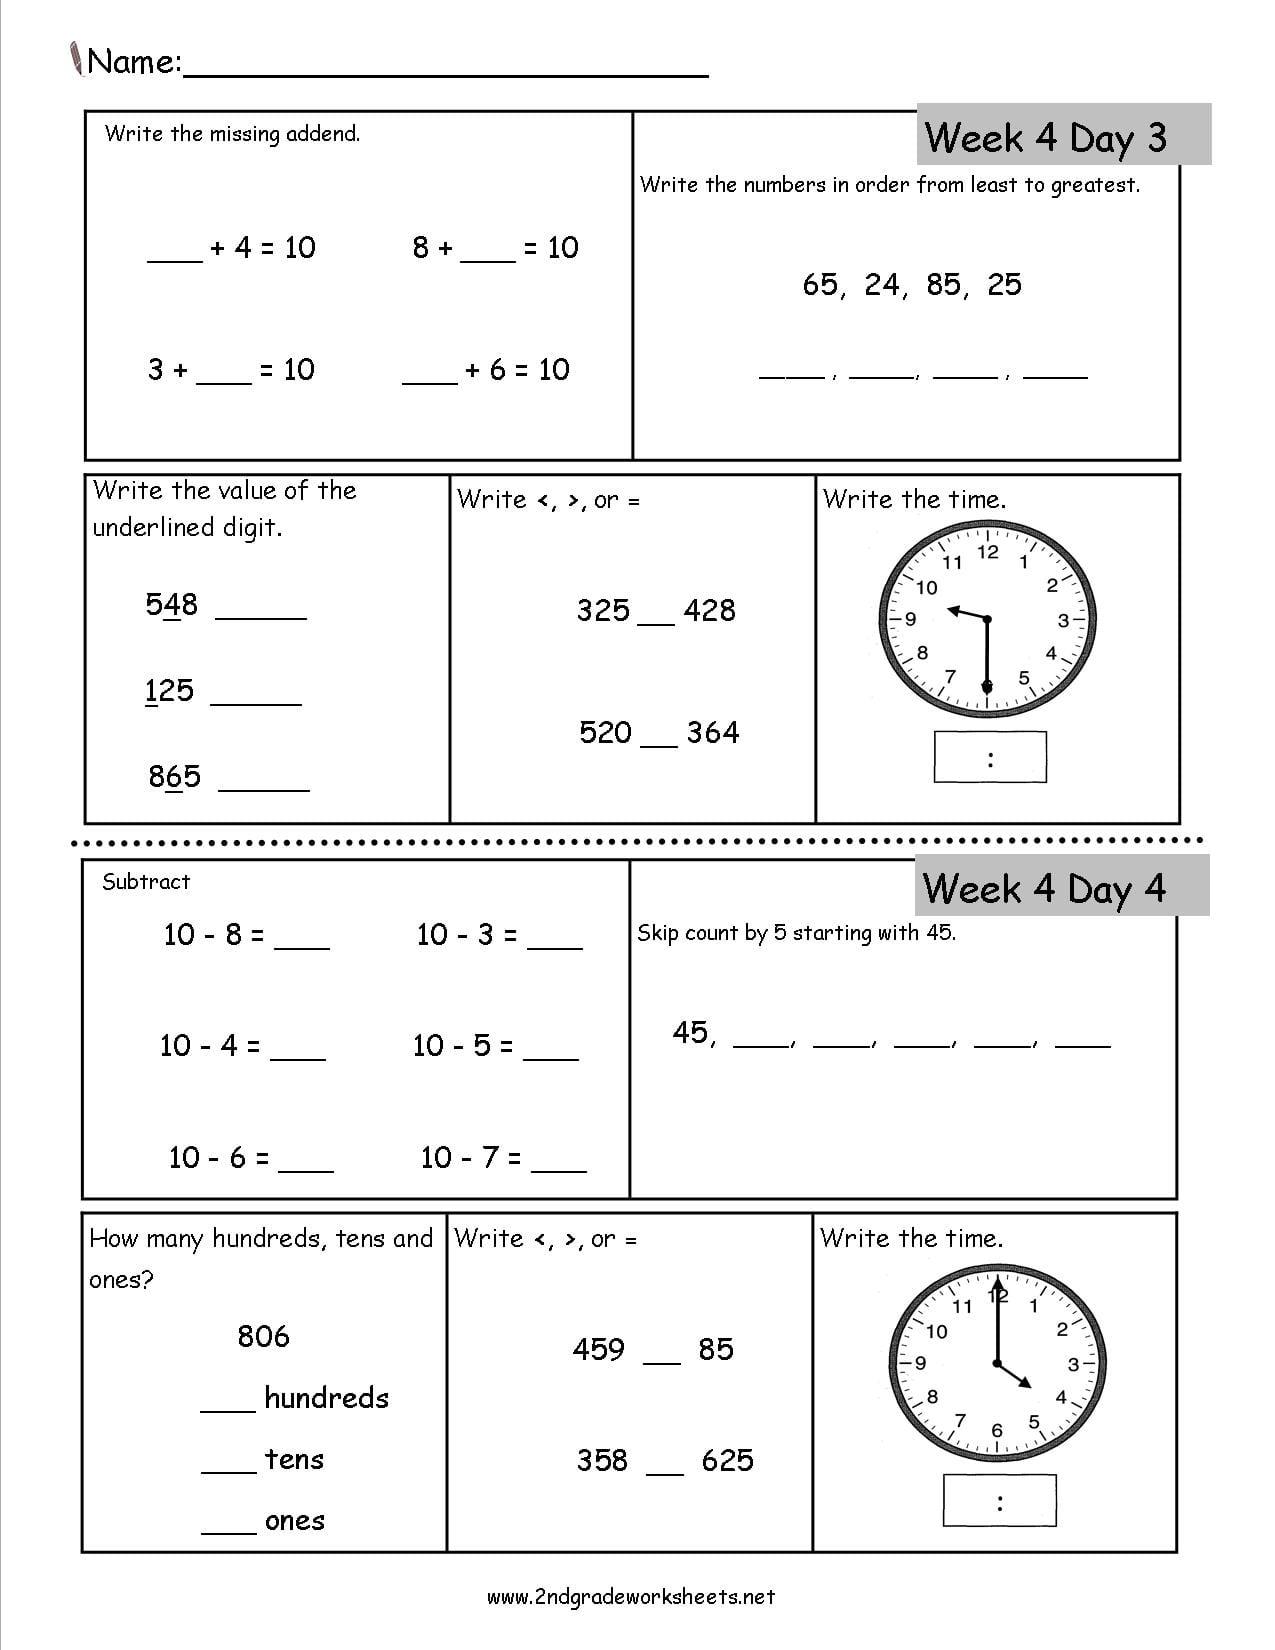 Worksheet Templates For Teachers Spreadsheet Templates For